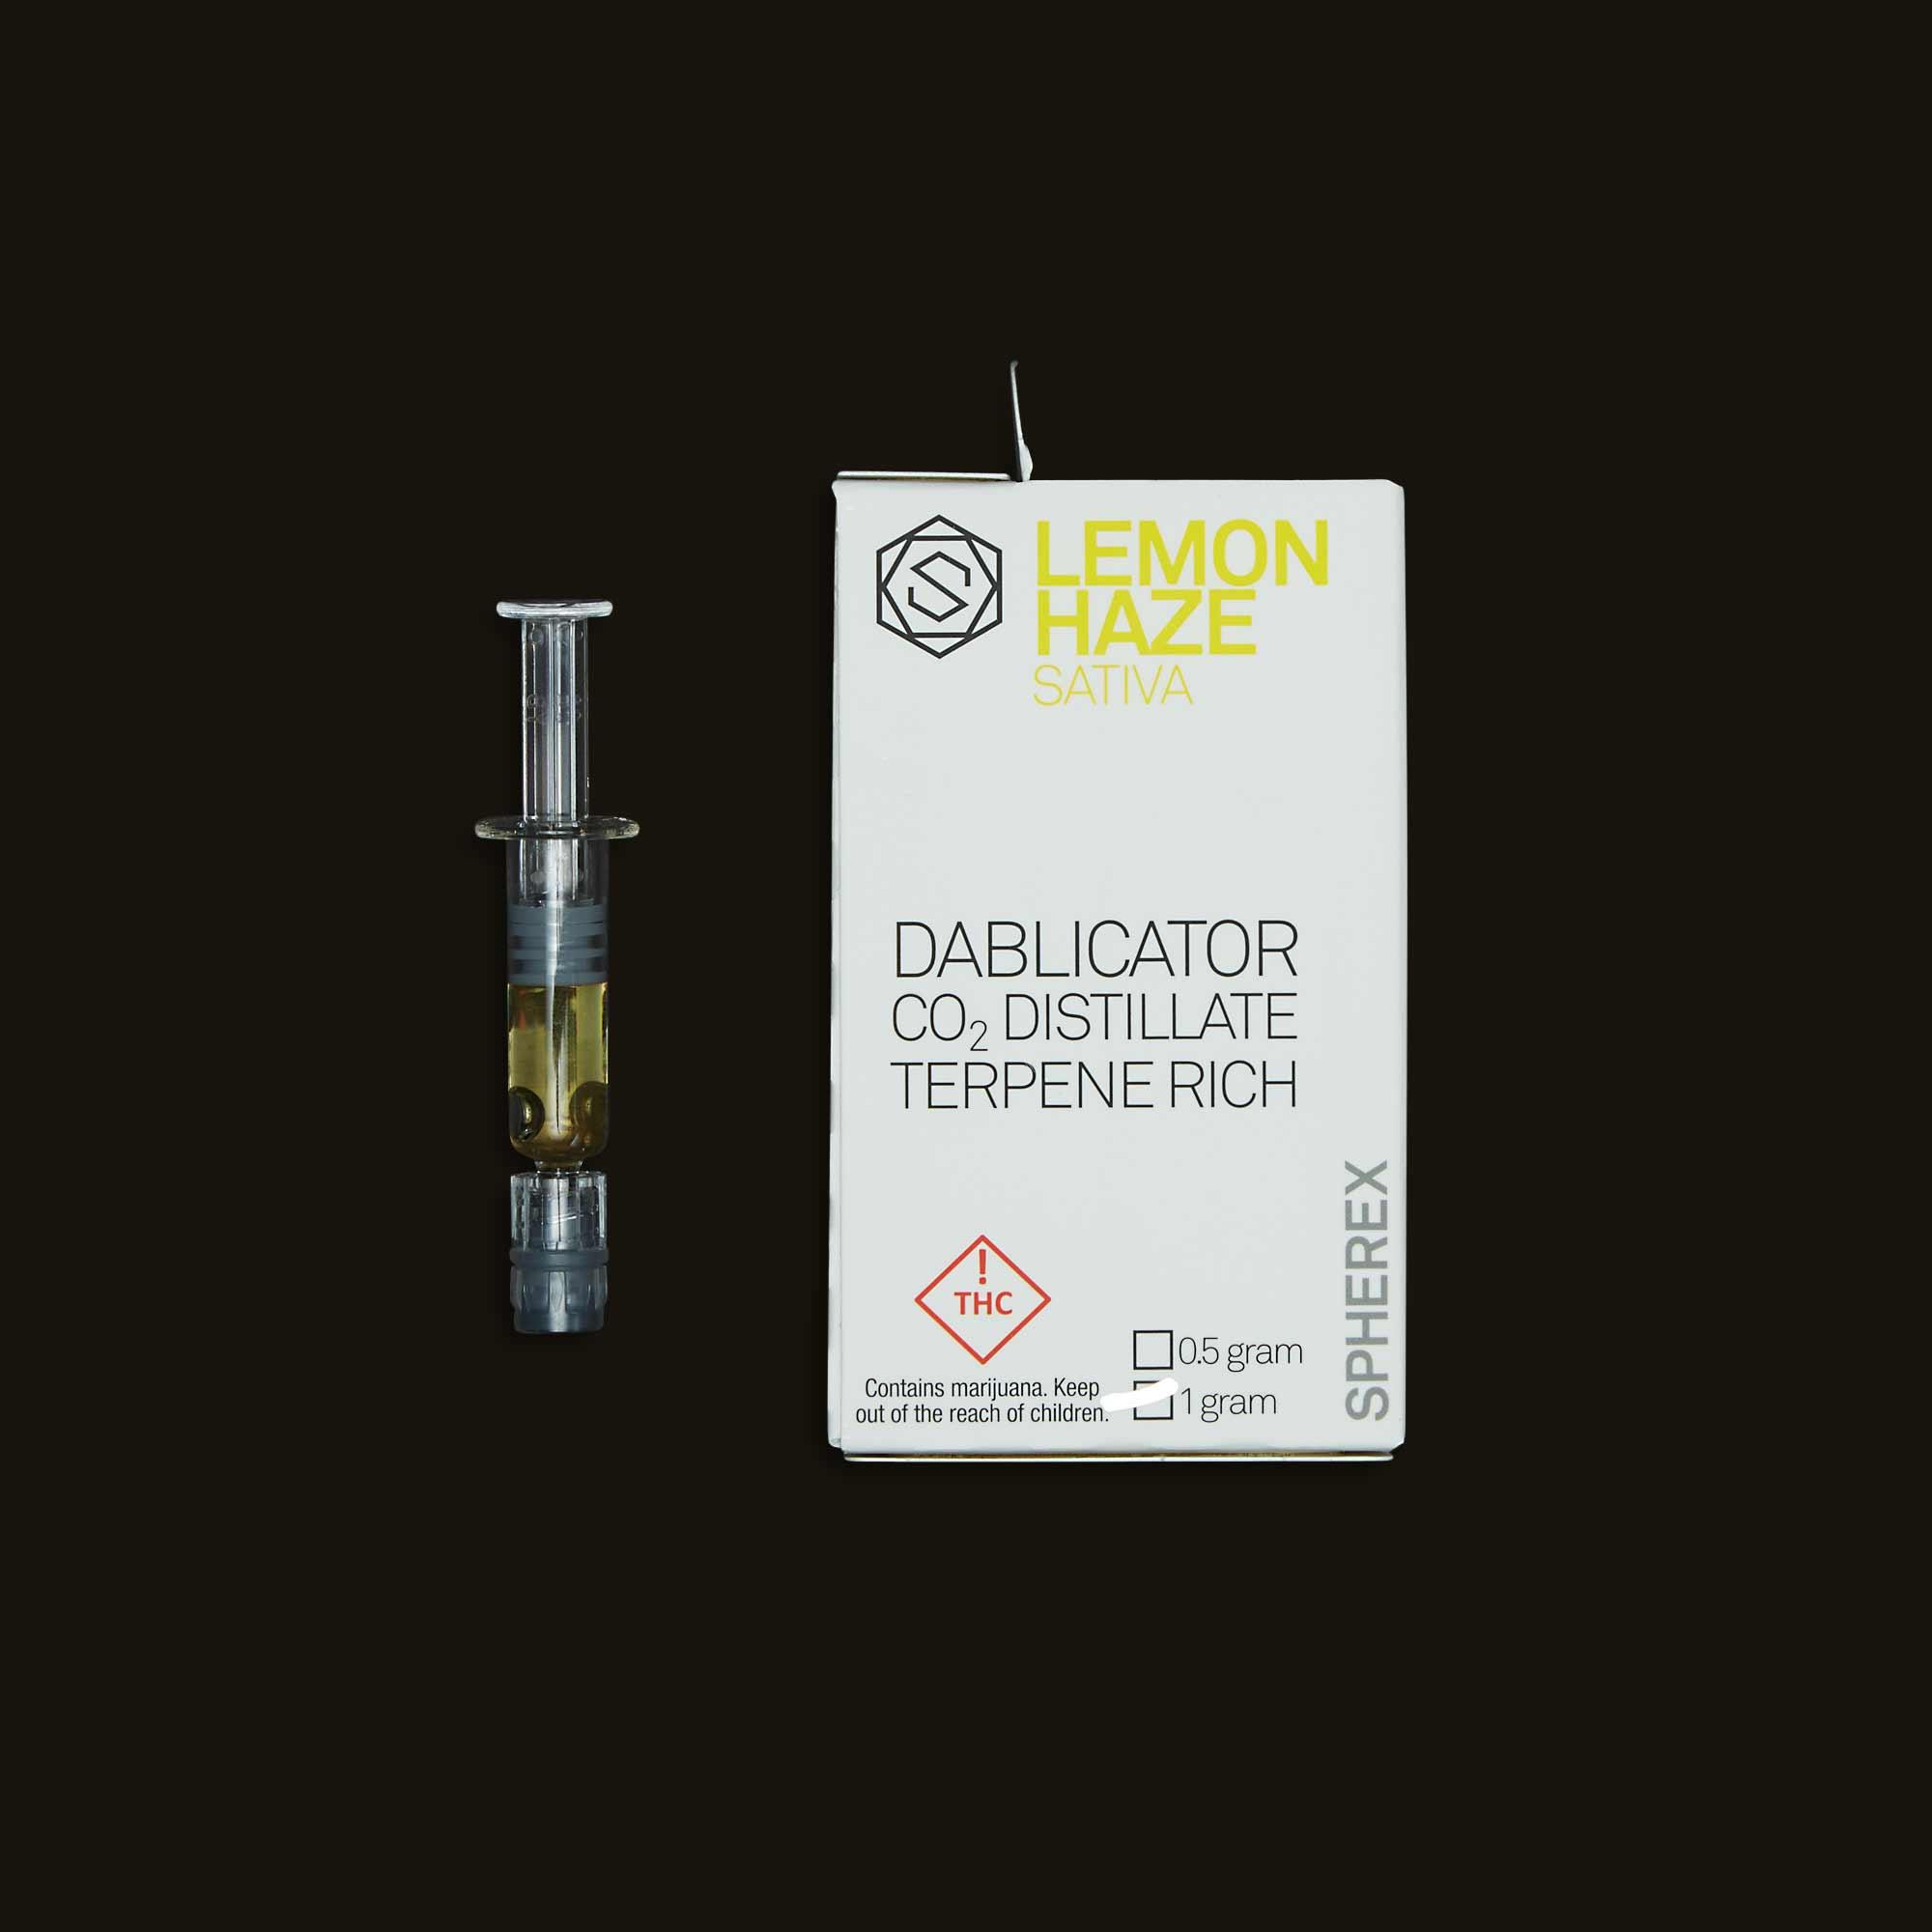 Spherex Lemon Haze Dablicator